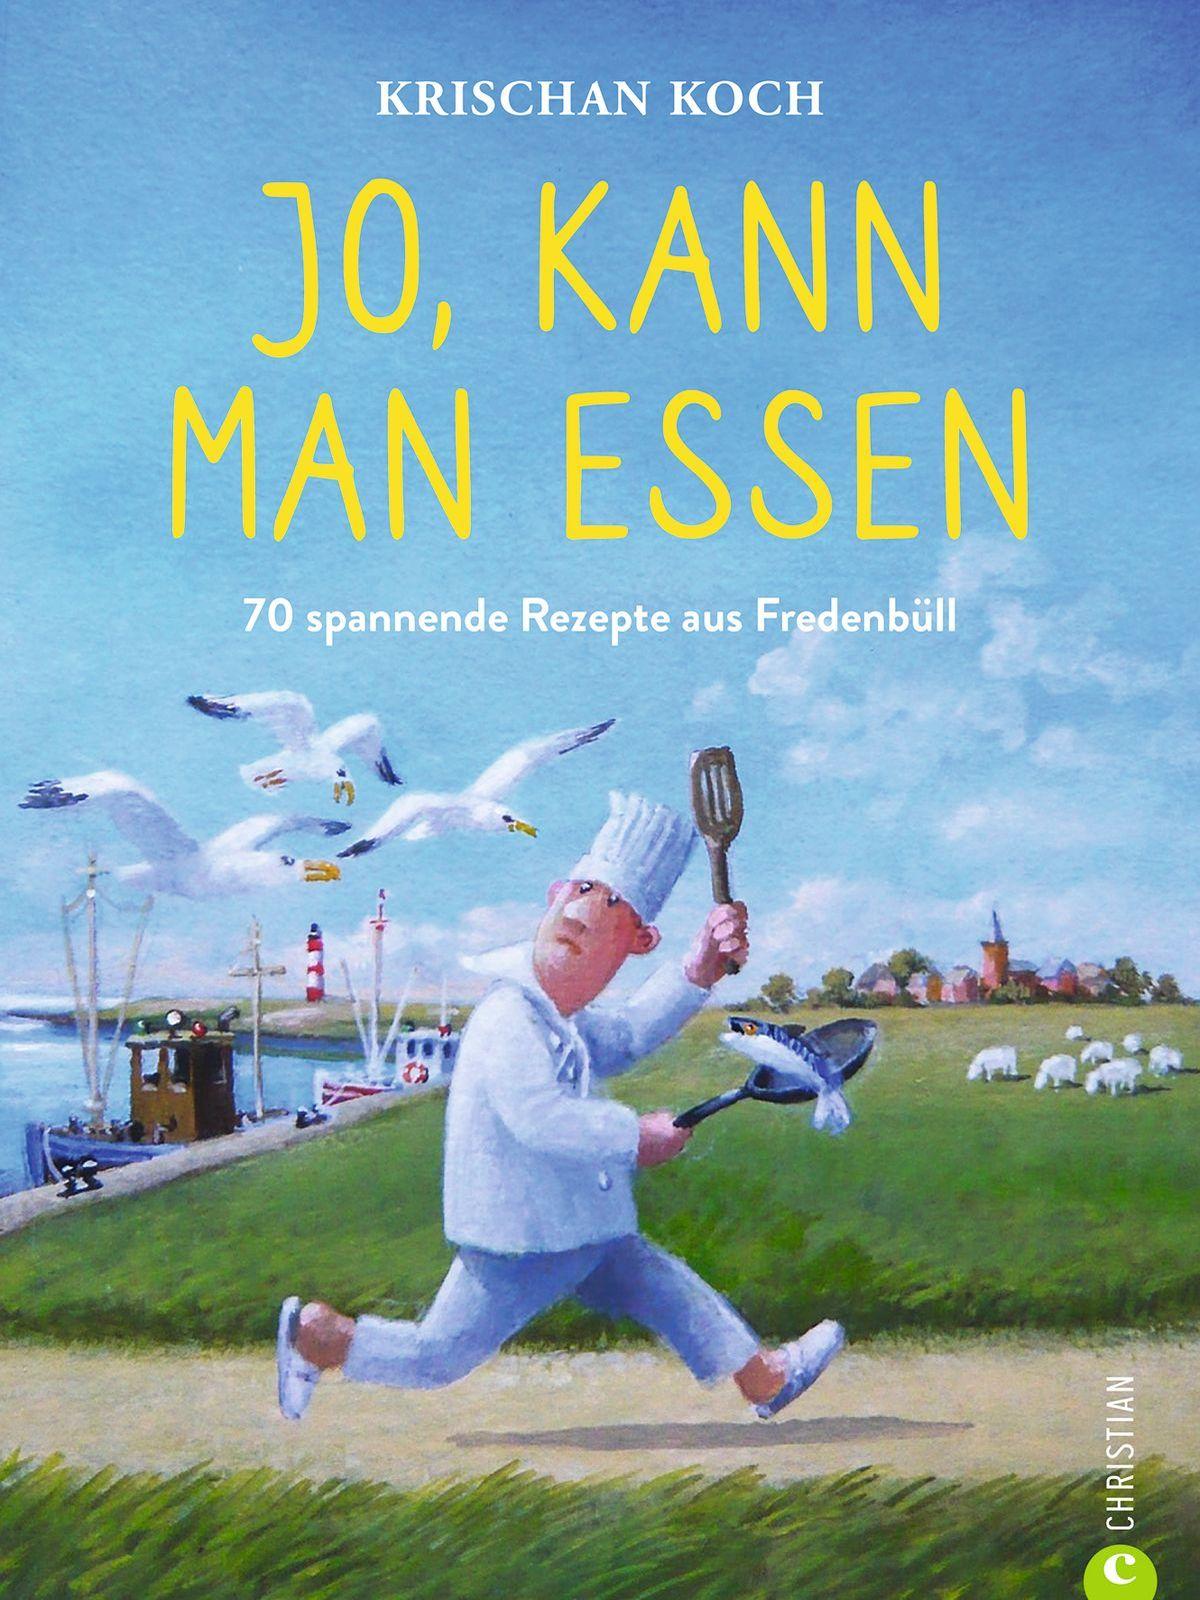 Krischan Koch Jo, kann man essen 192 Seiten | 100 Abb. | 19,99 Euro ISBN 978-3-95961-498-6